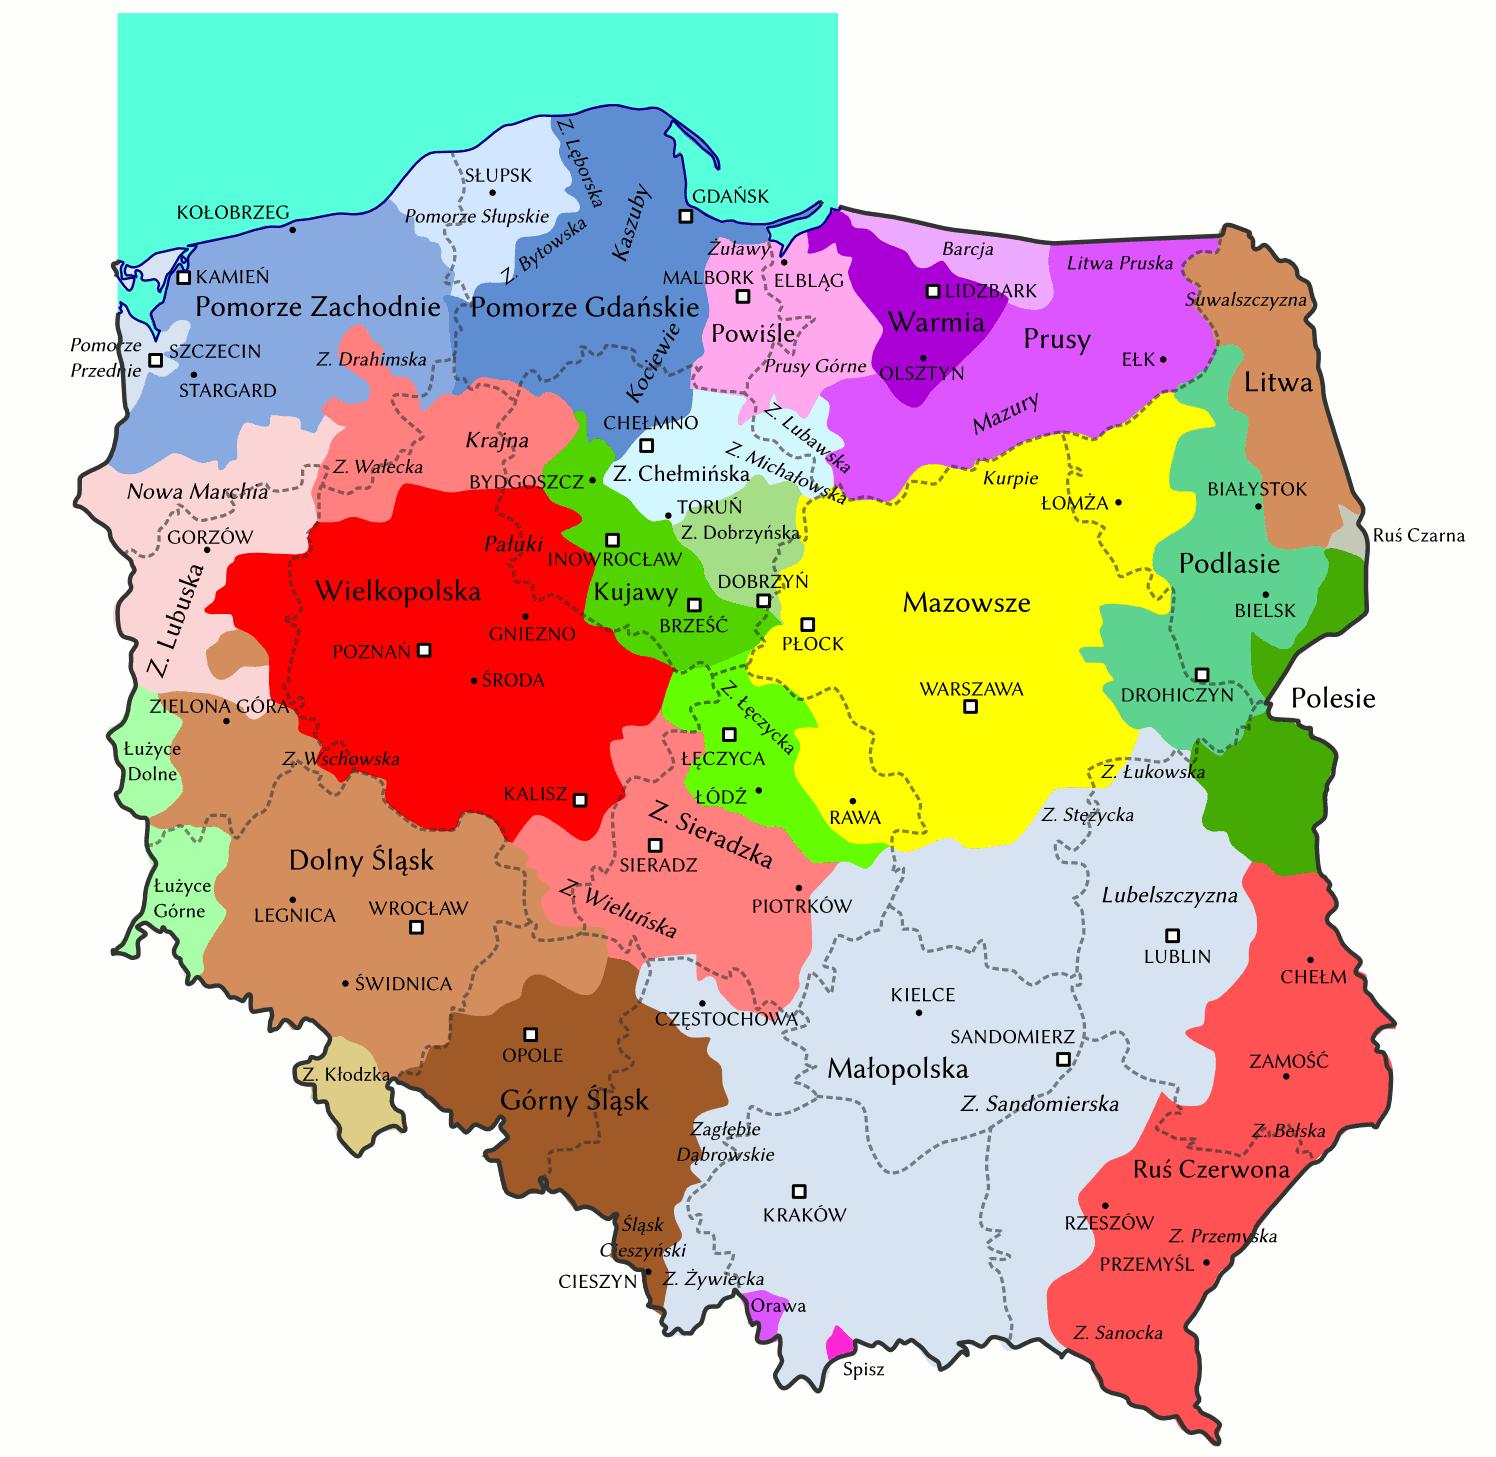 Regiony Polski Mapa Mapa